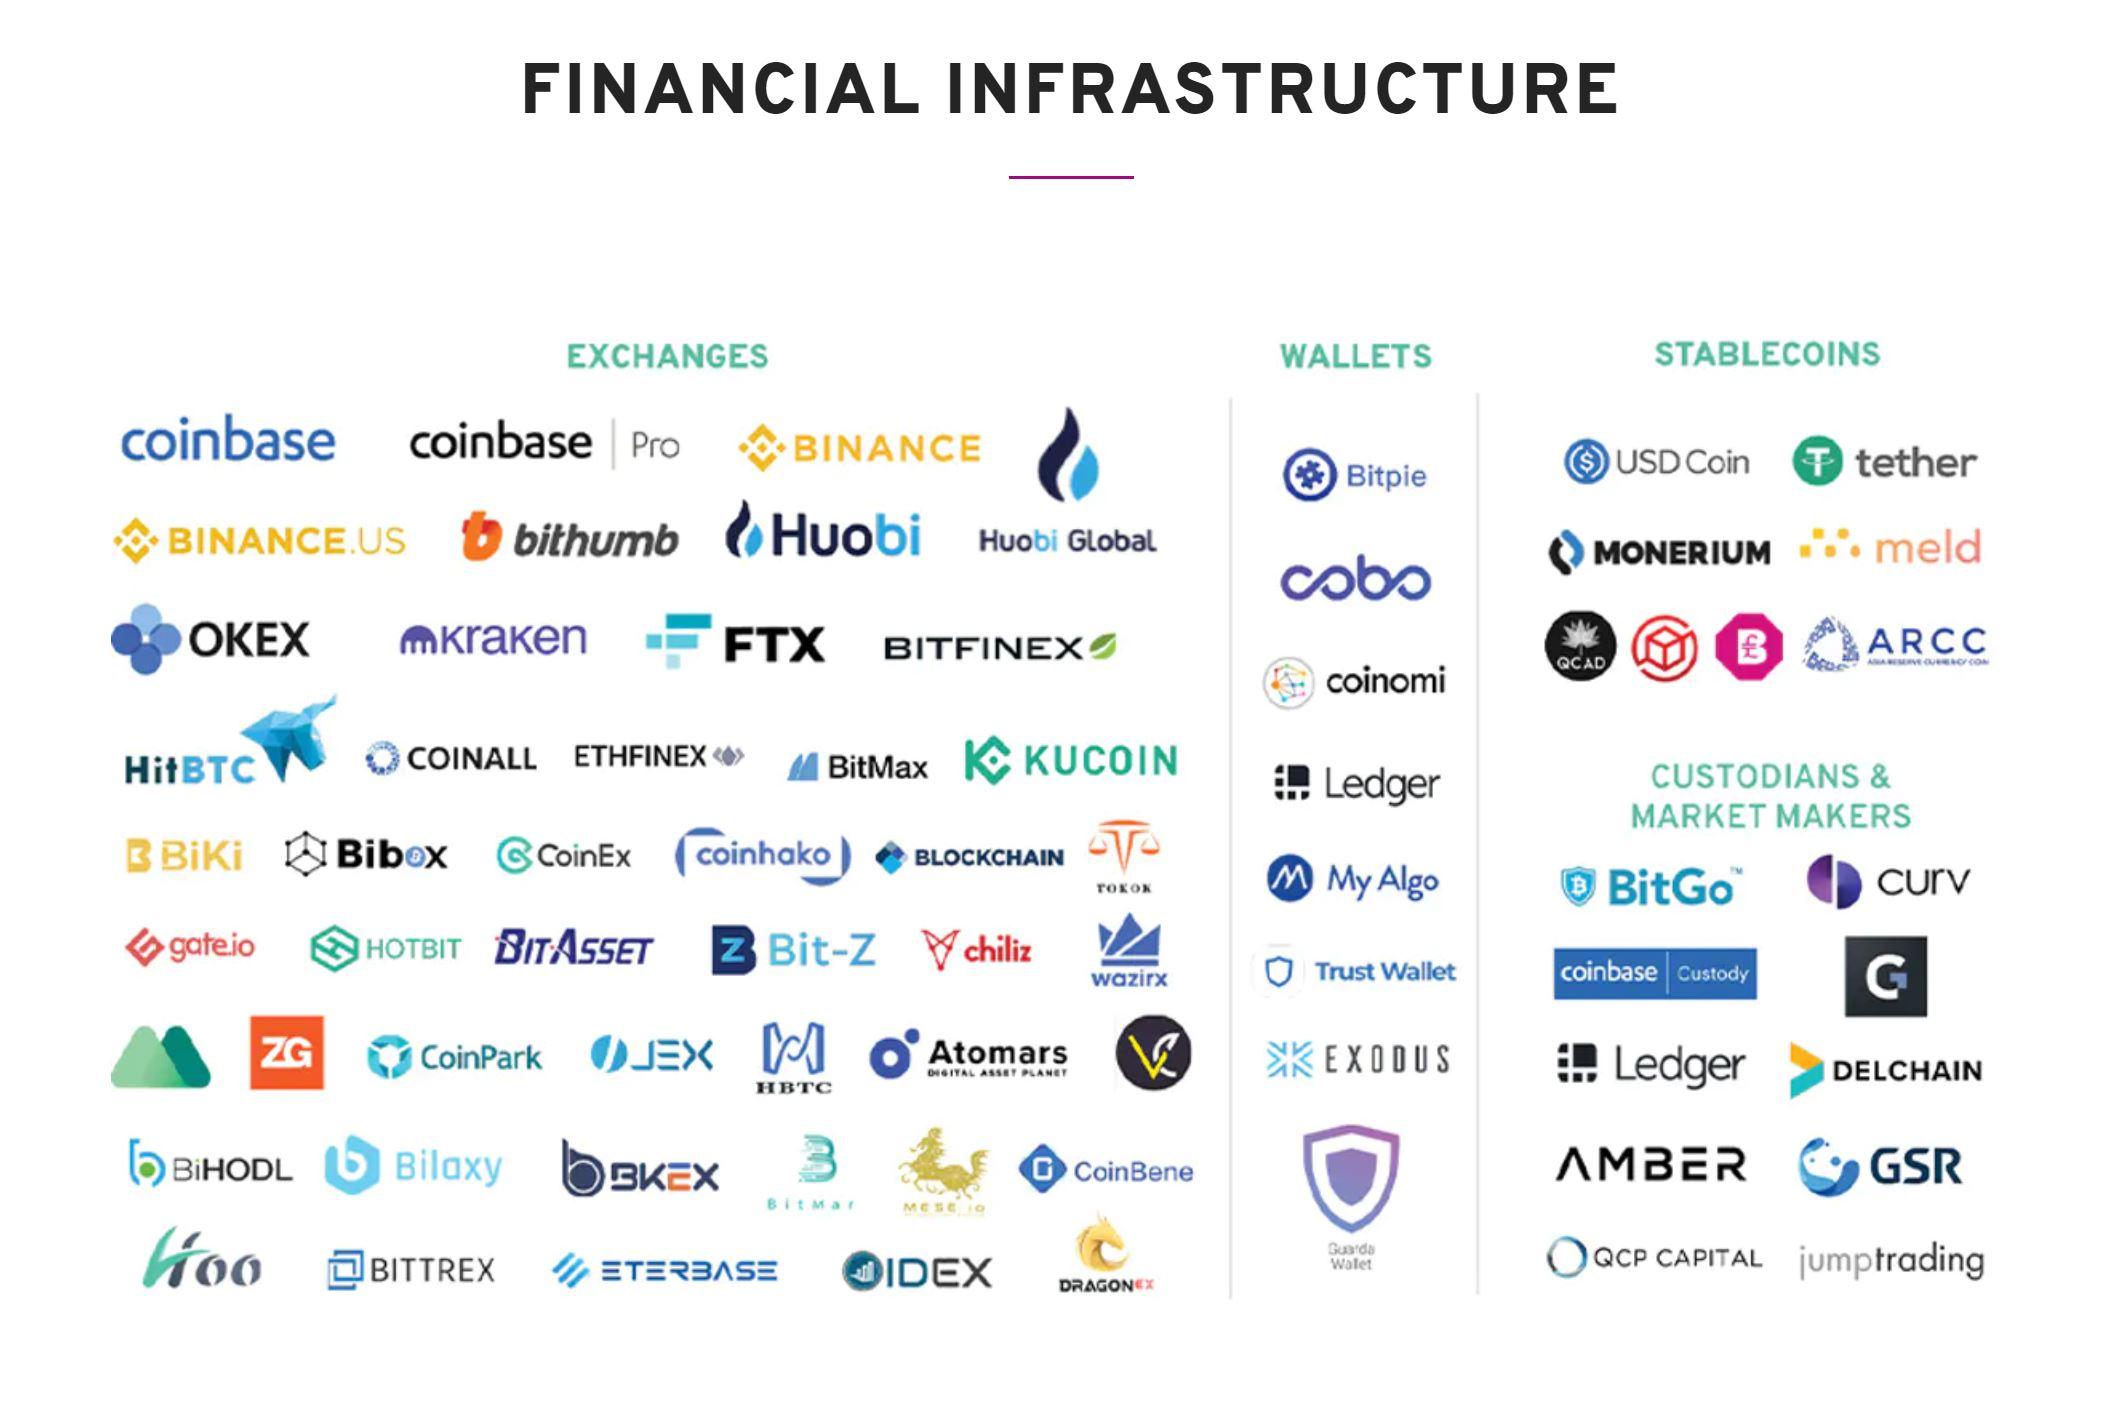 Infraestructura financiera de Algorand